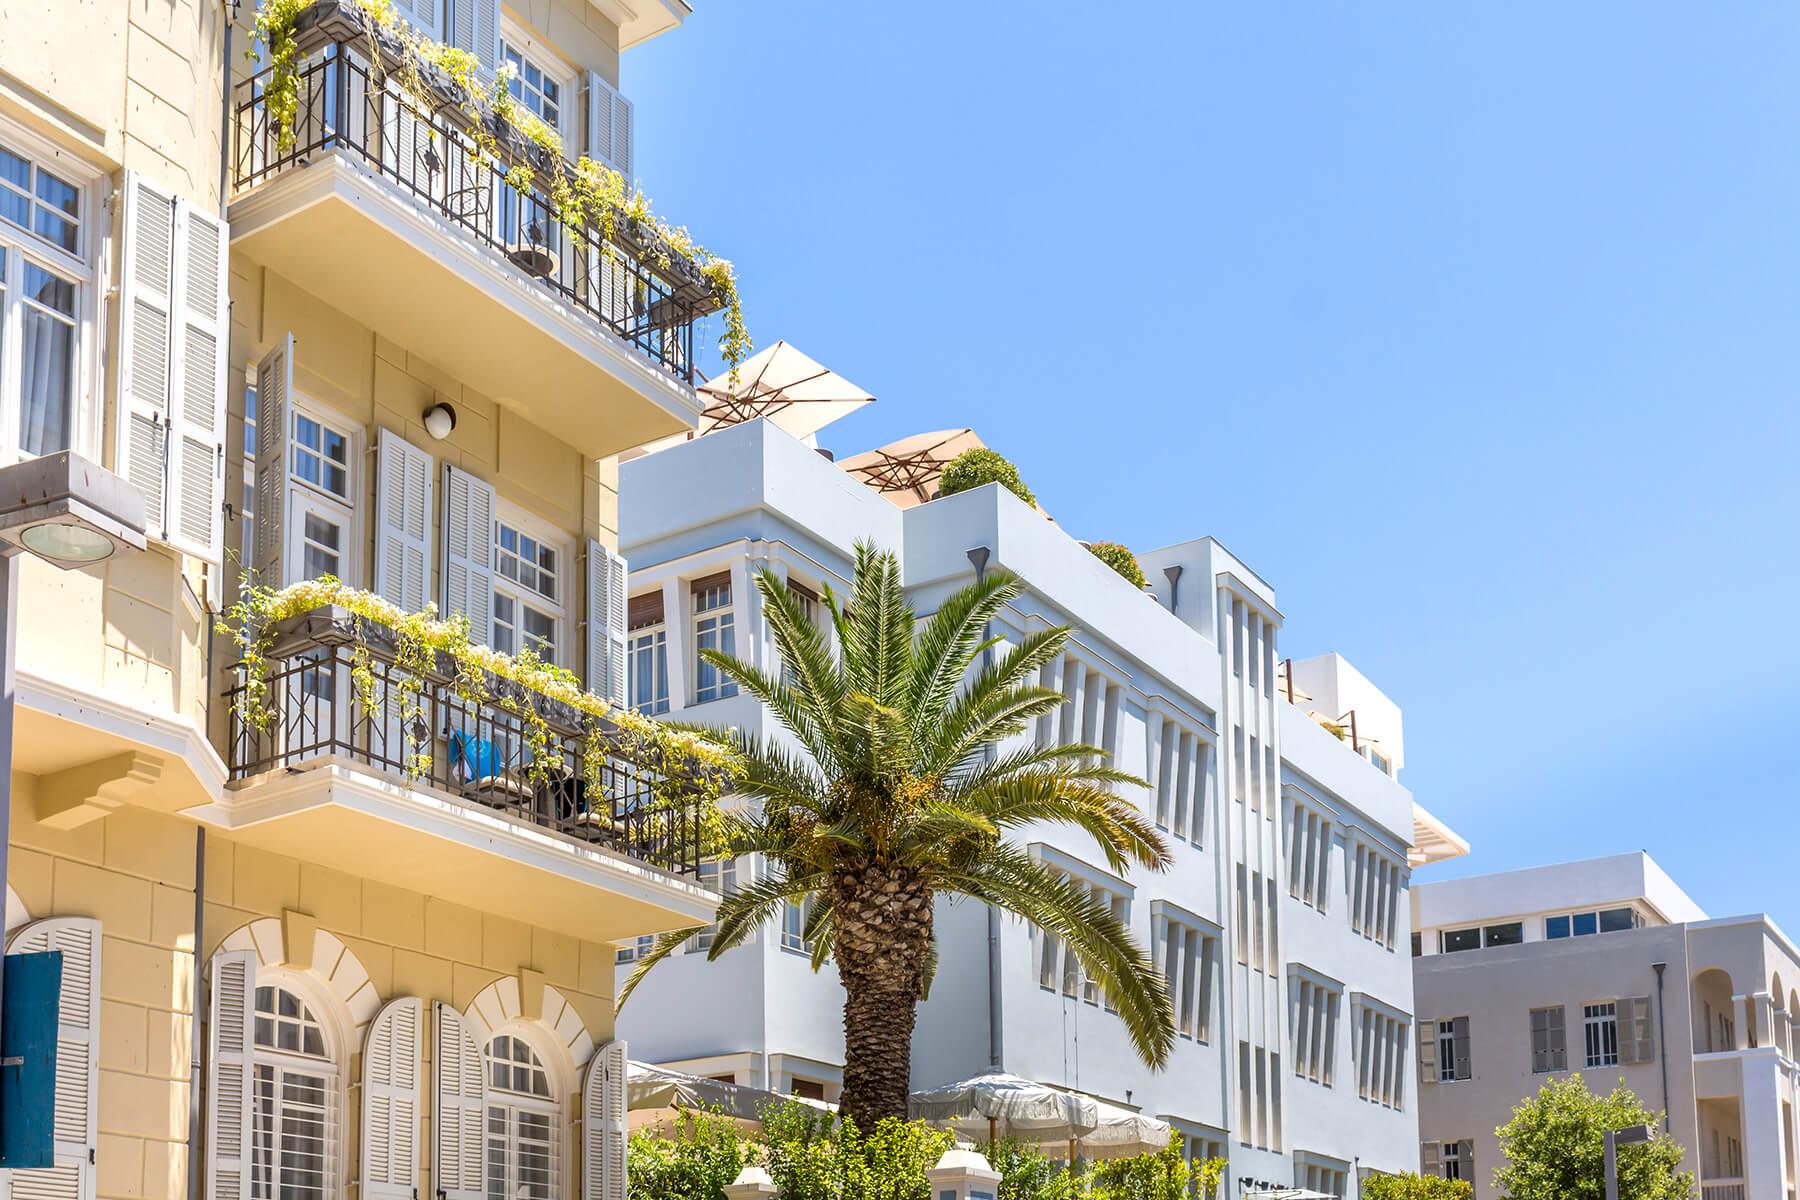 Norman-Tel-Aviv-1.jpg